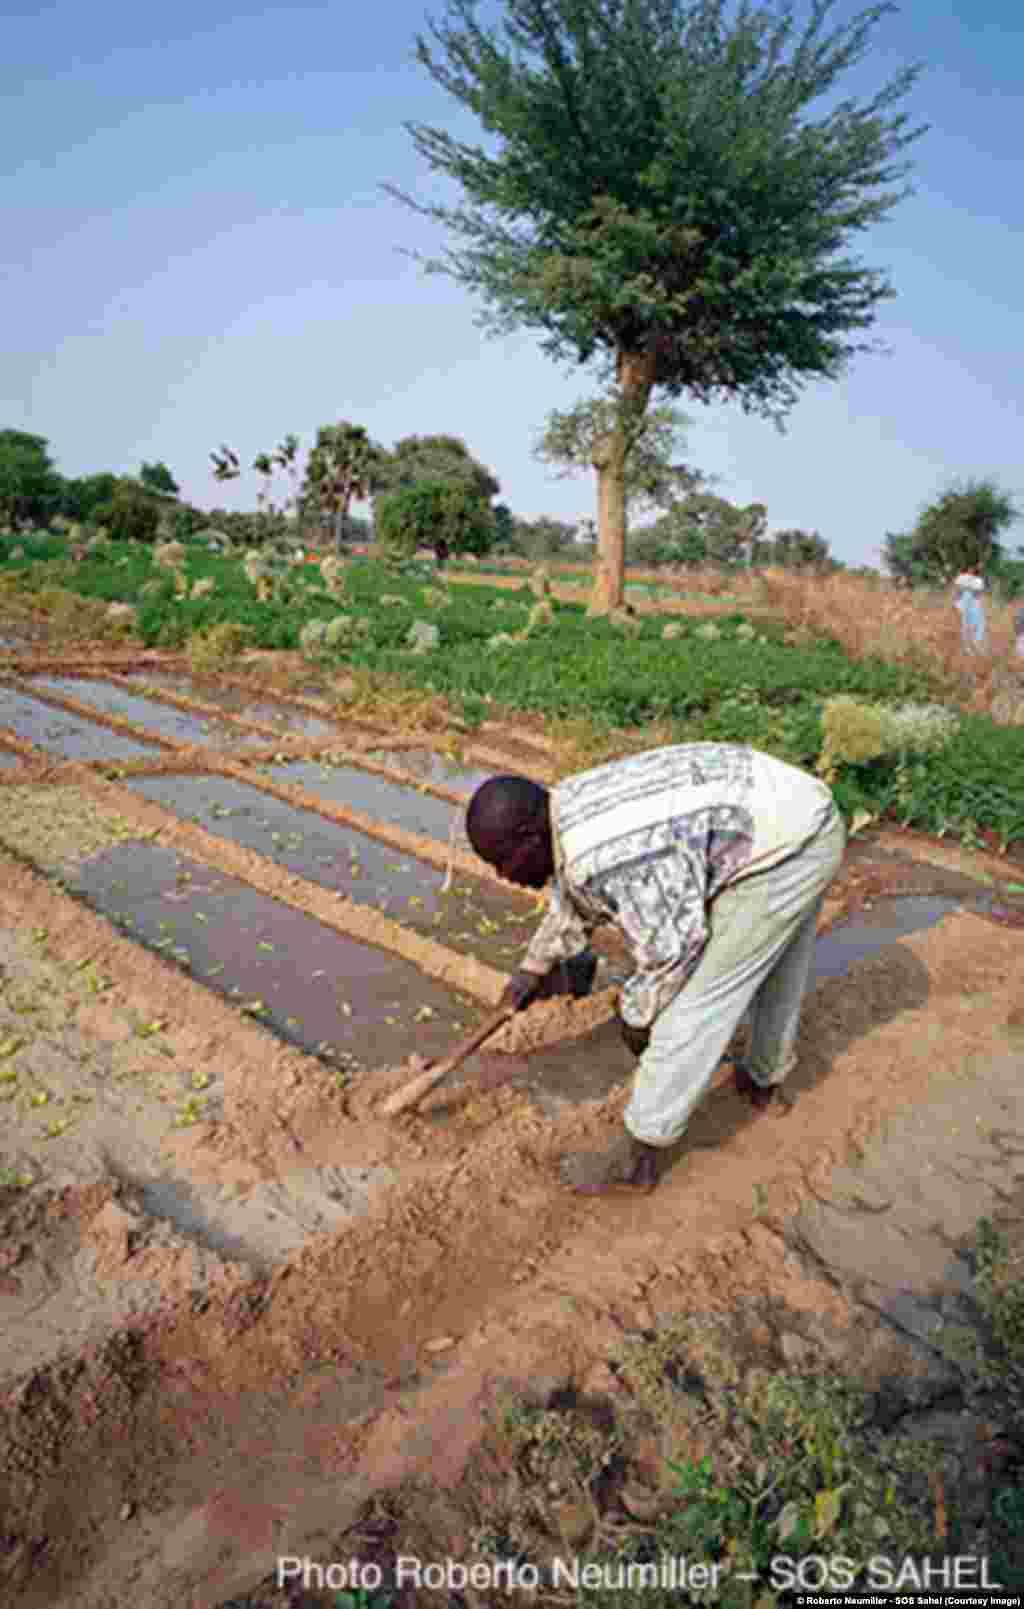 De meilleures pratiques culturales permettent de combattre la désertification